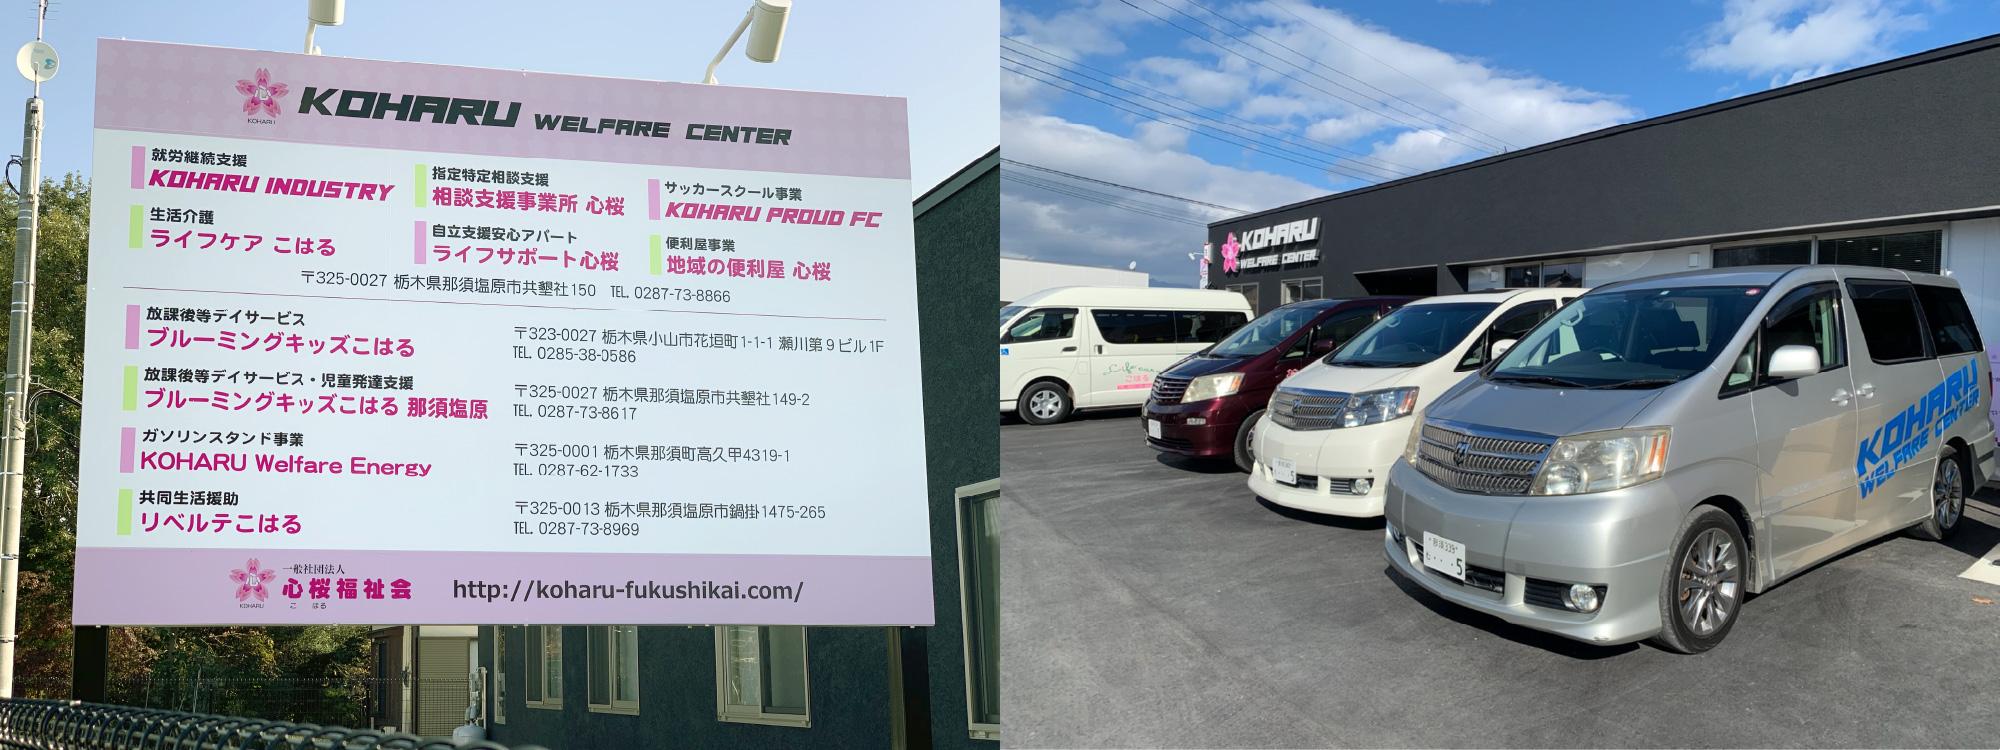 黒磯・西那須・大田原・戸田・高林方面無料送迎